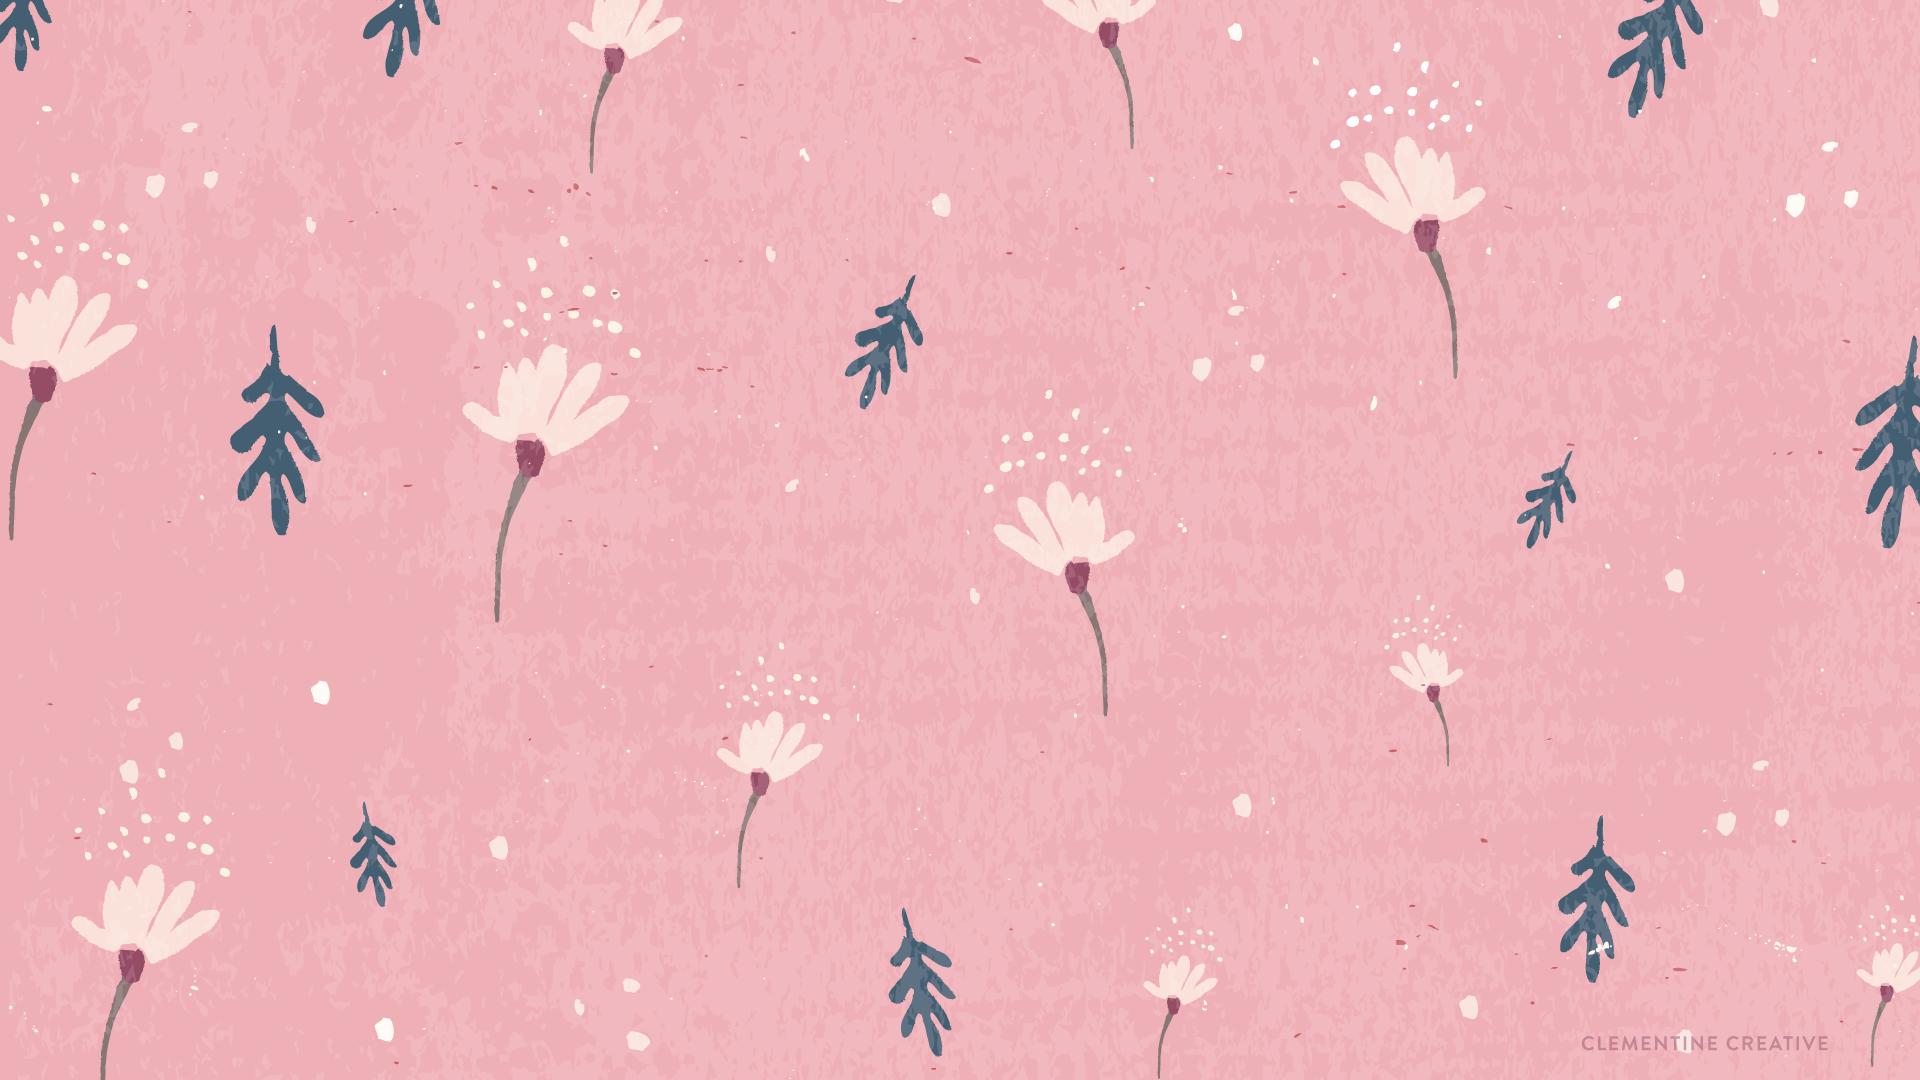 Free wallpaper dainty falling flowers download the pink wallpaper below mightylinksfo